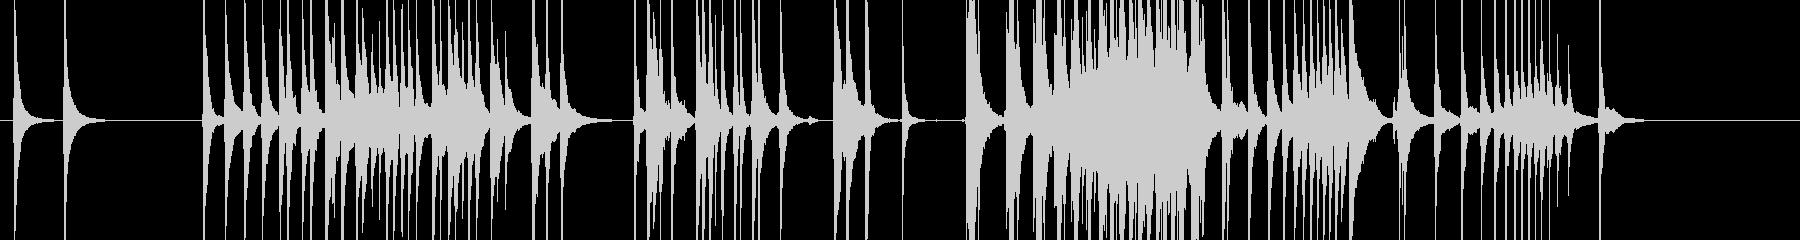 三味線110連獅子3虎豹歌舞伎生音和風親の未再生の波形